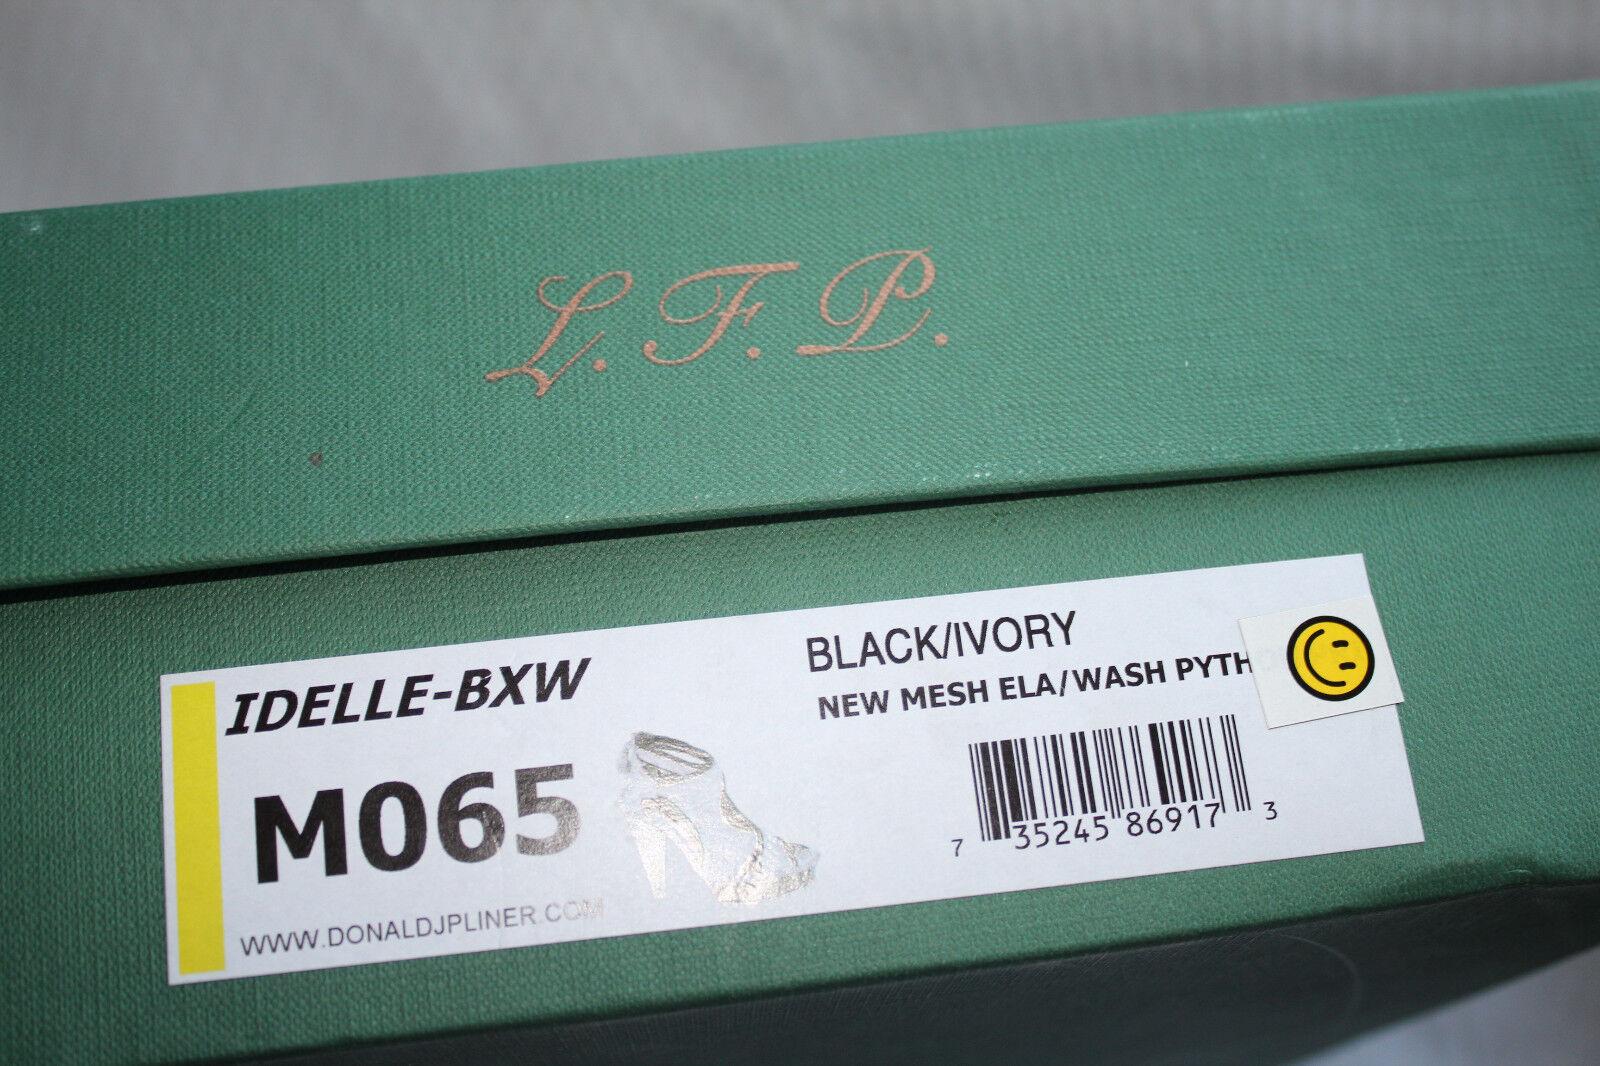 DONALD J PLINER PLINER PLINER IDELLE BLACK BASIC ELASTIC #6.5 360 f75824